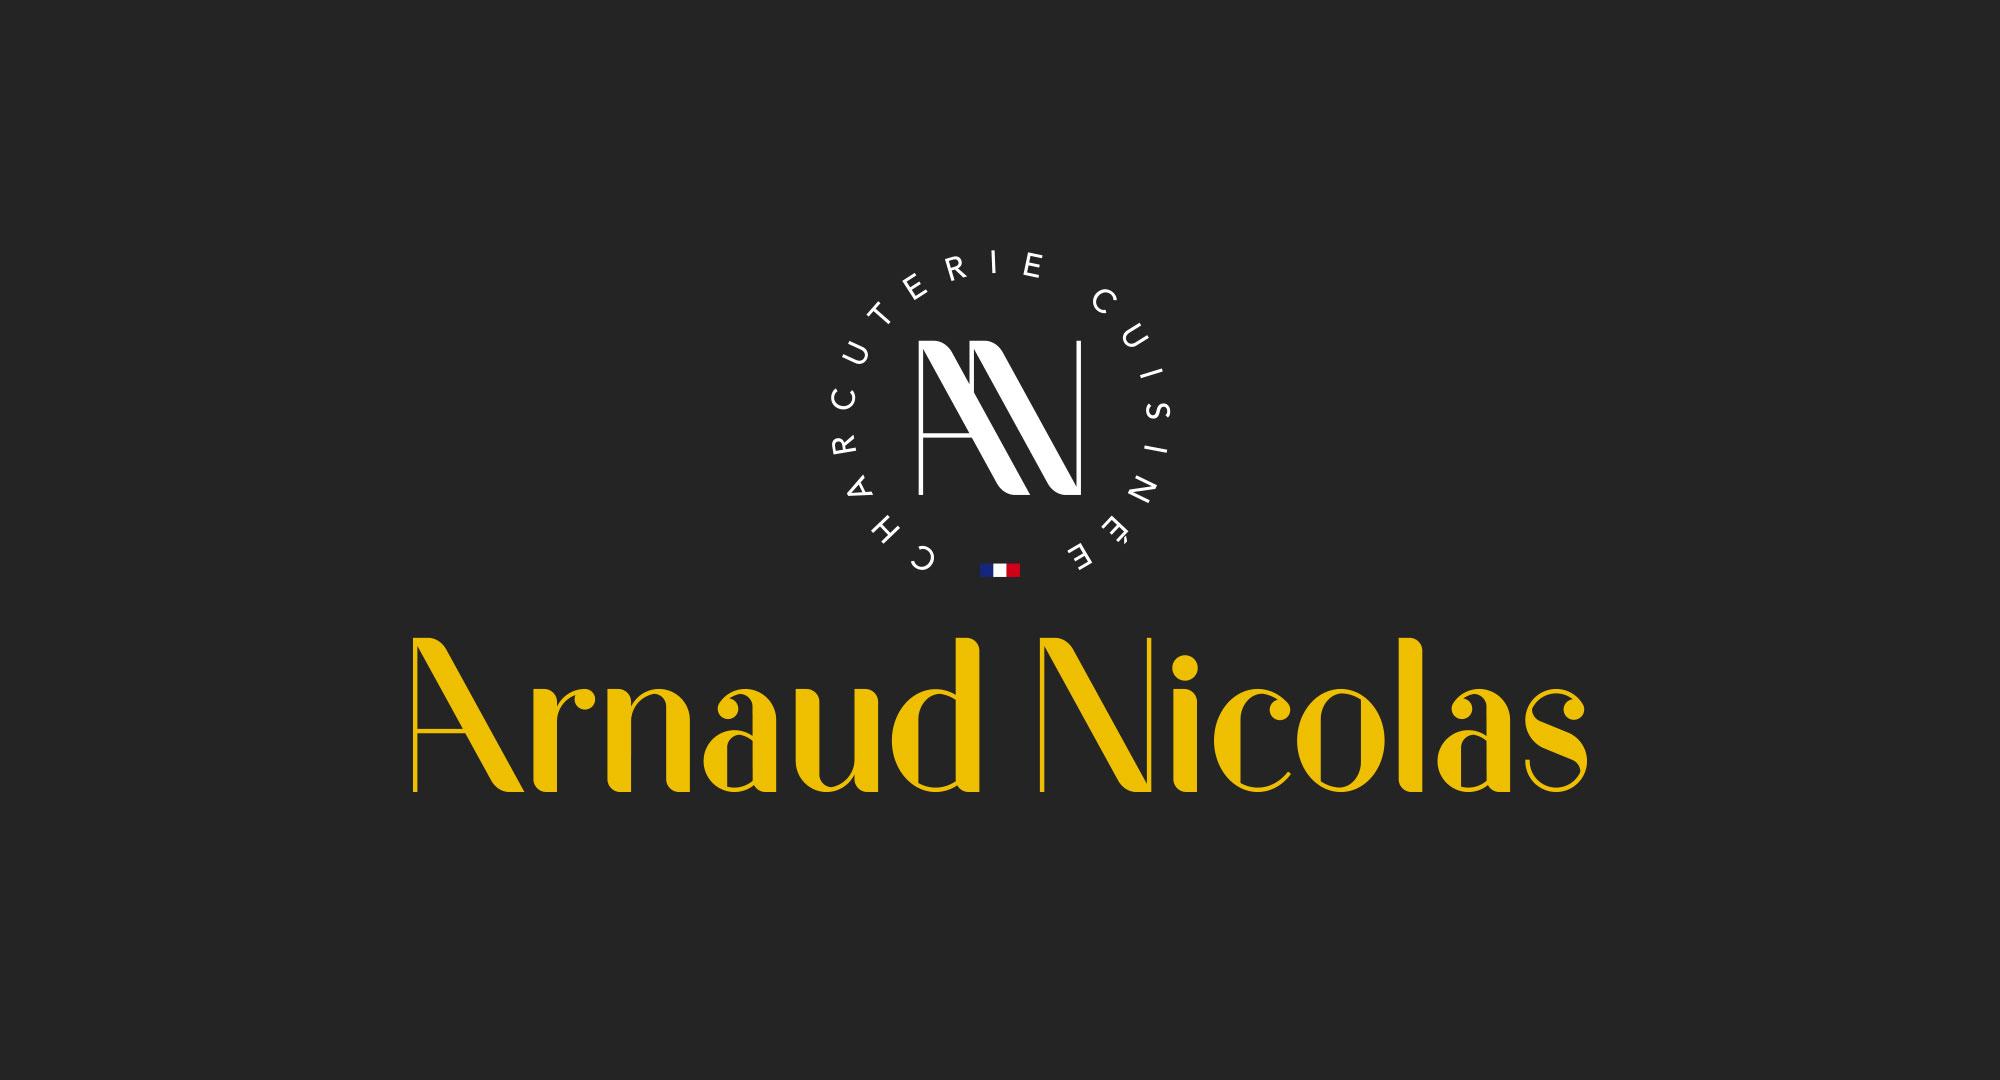 Arnaud_Nicolas_01